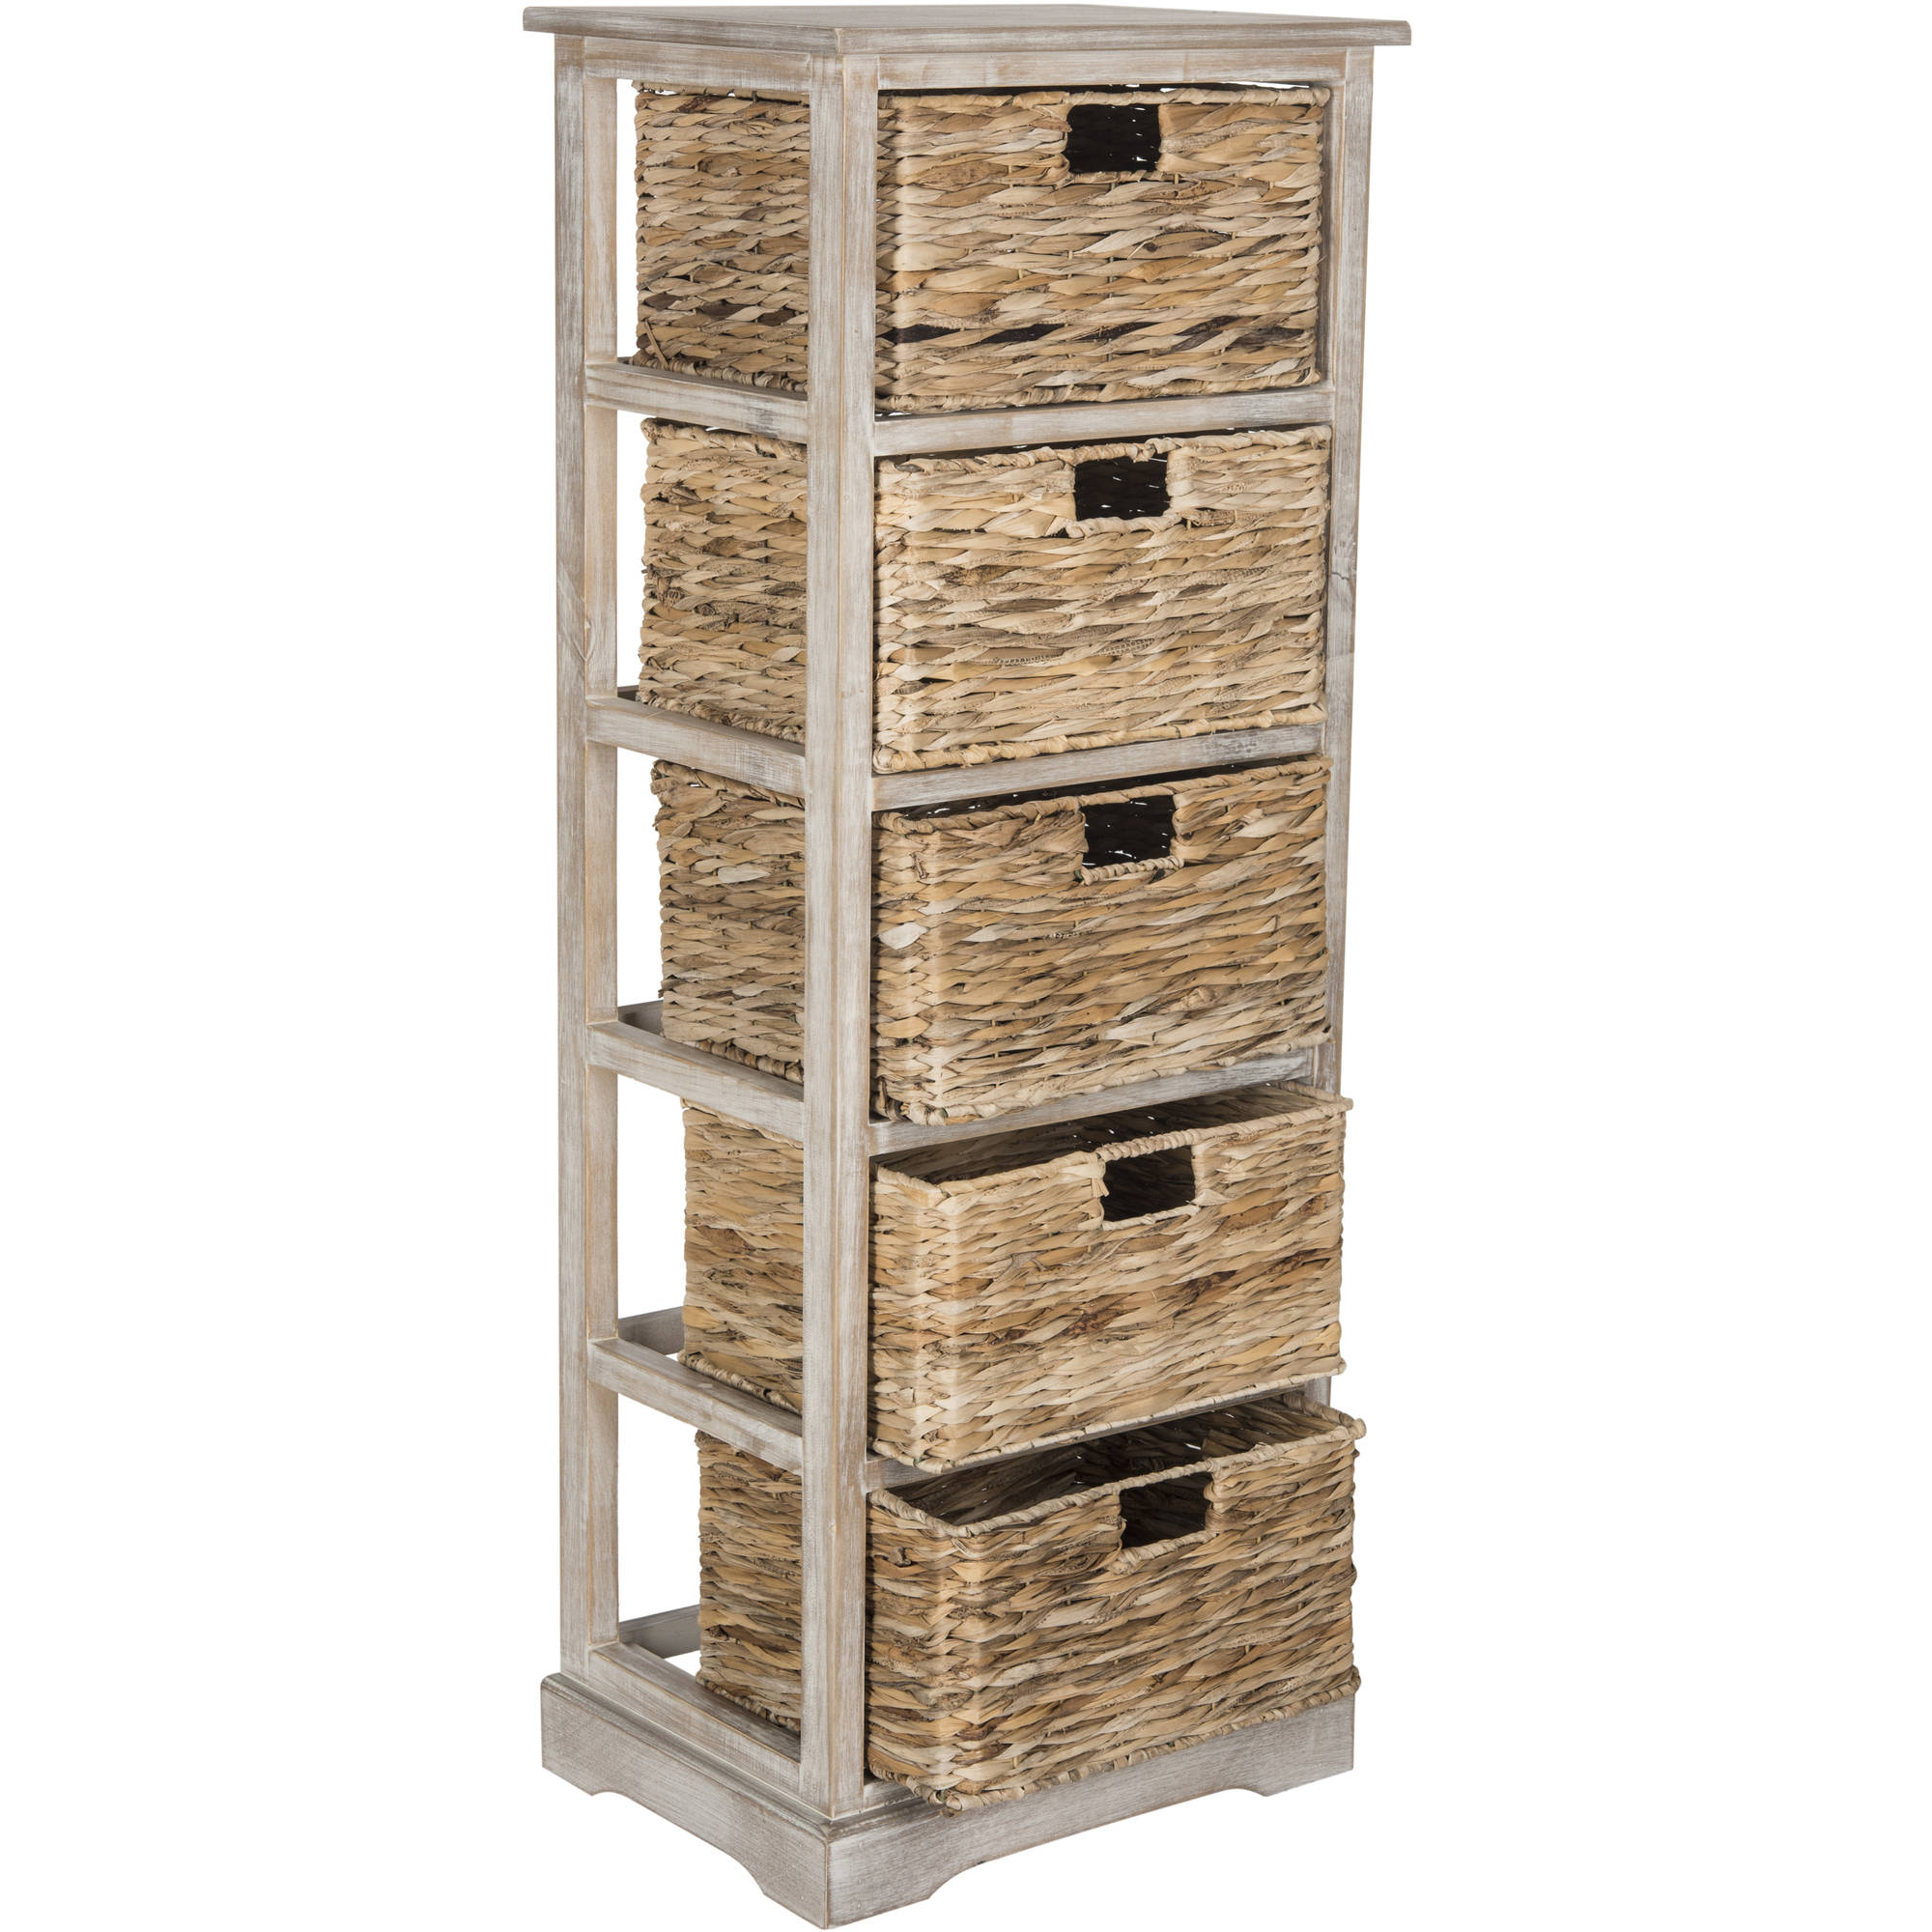 Safavieh Vedette 5 Wicker Basket Storage Tower   Walmart.com